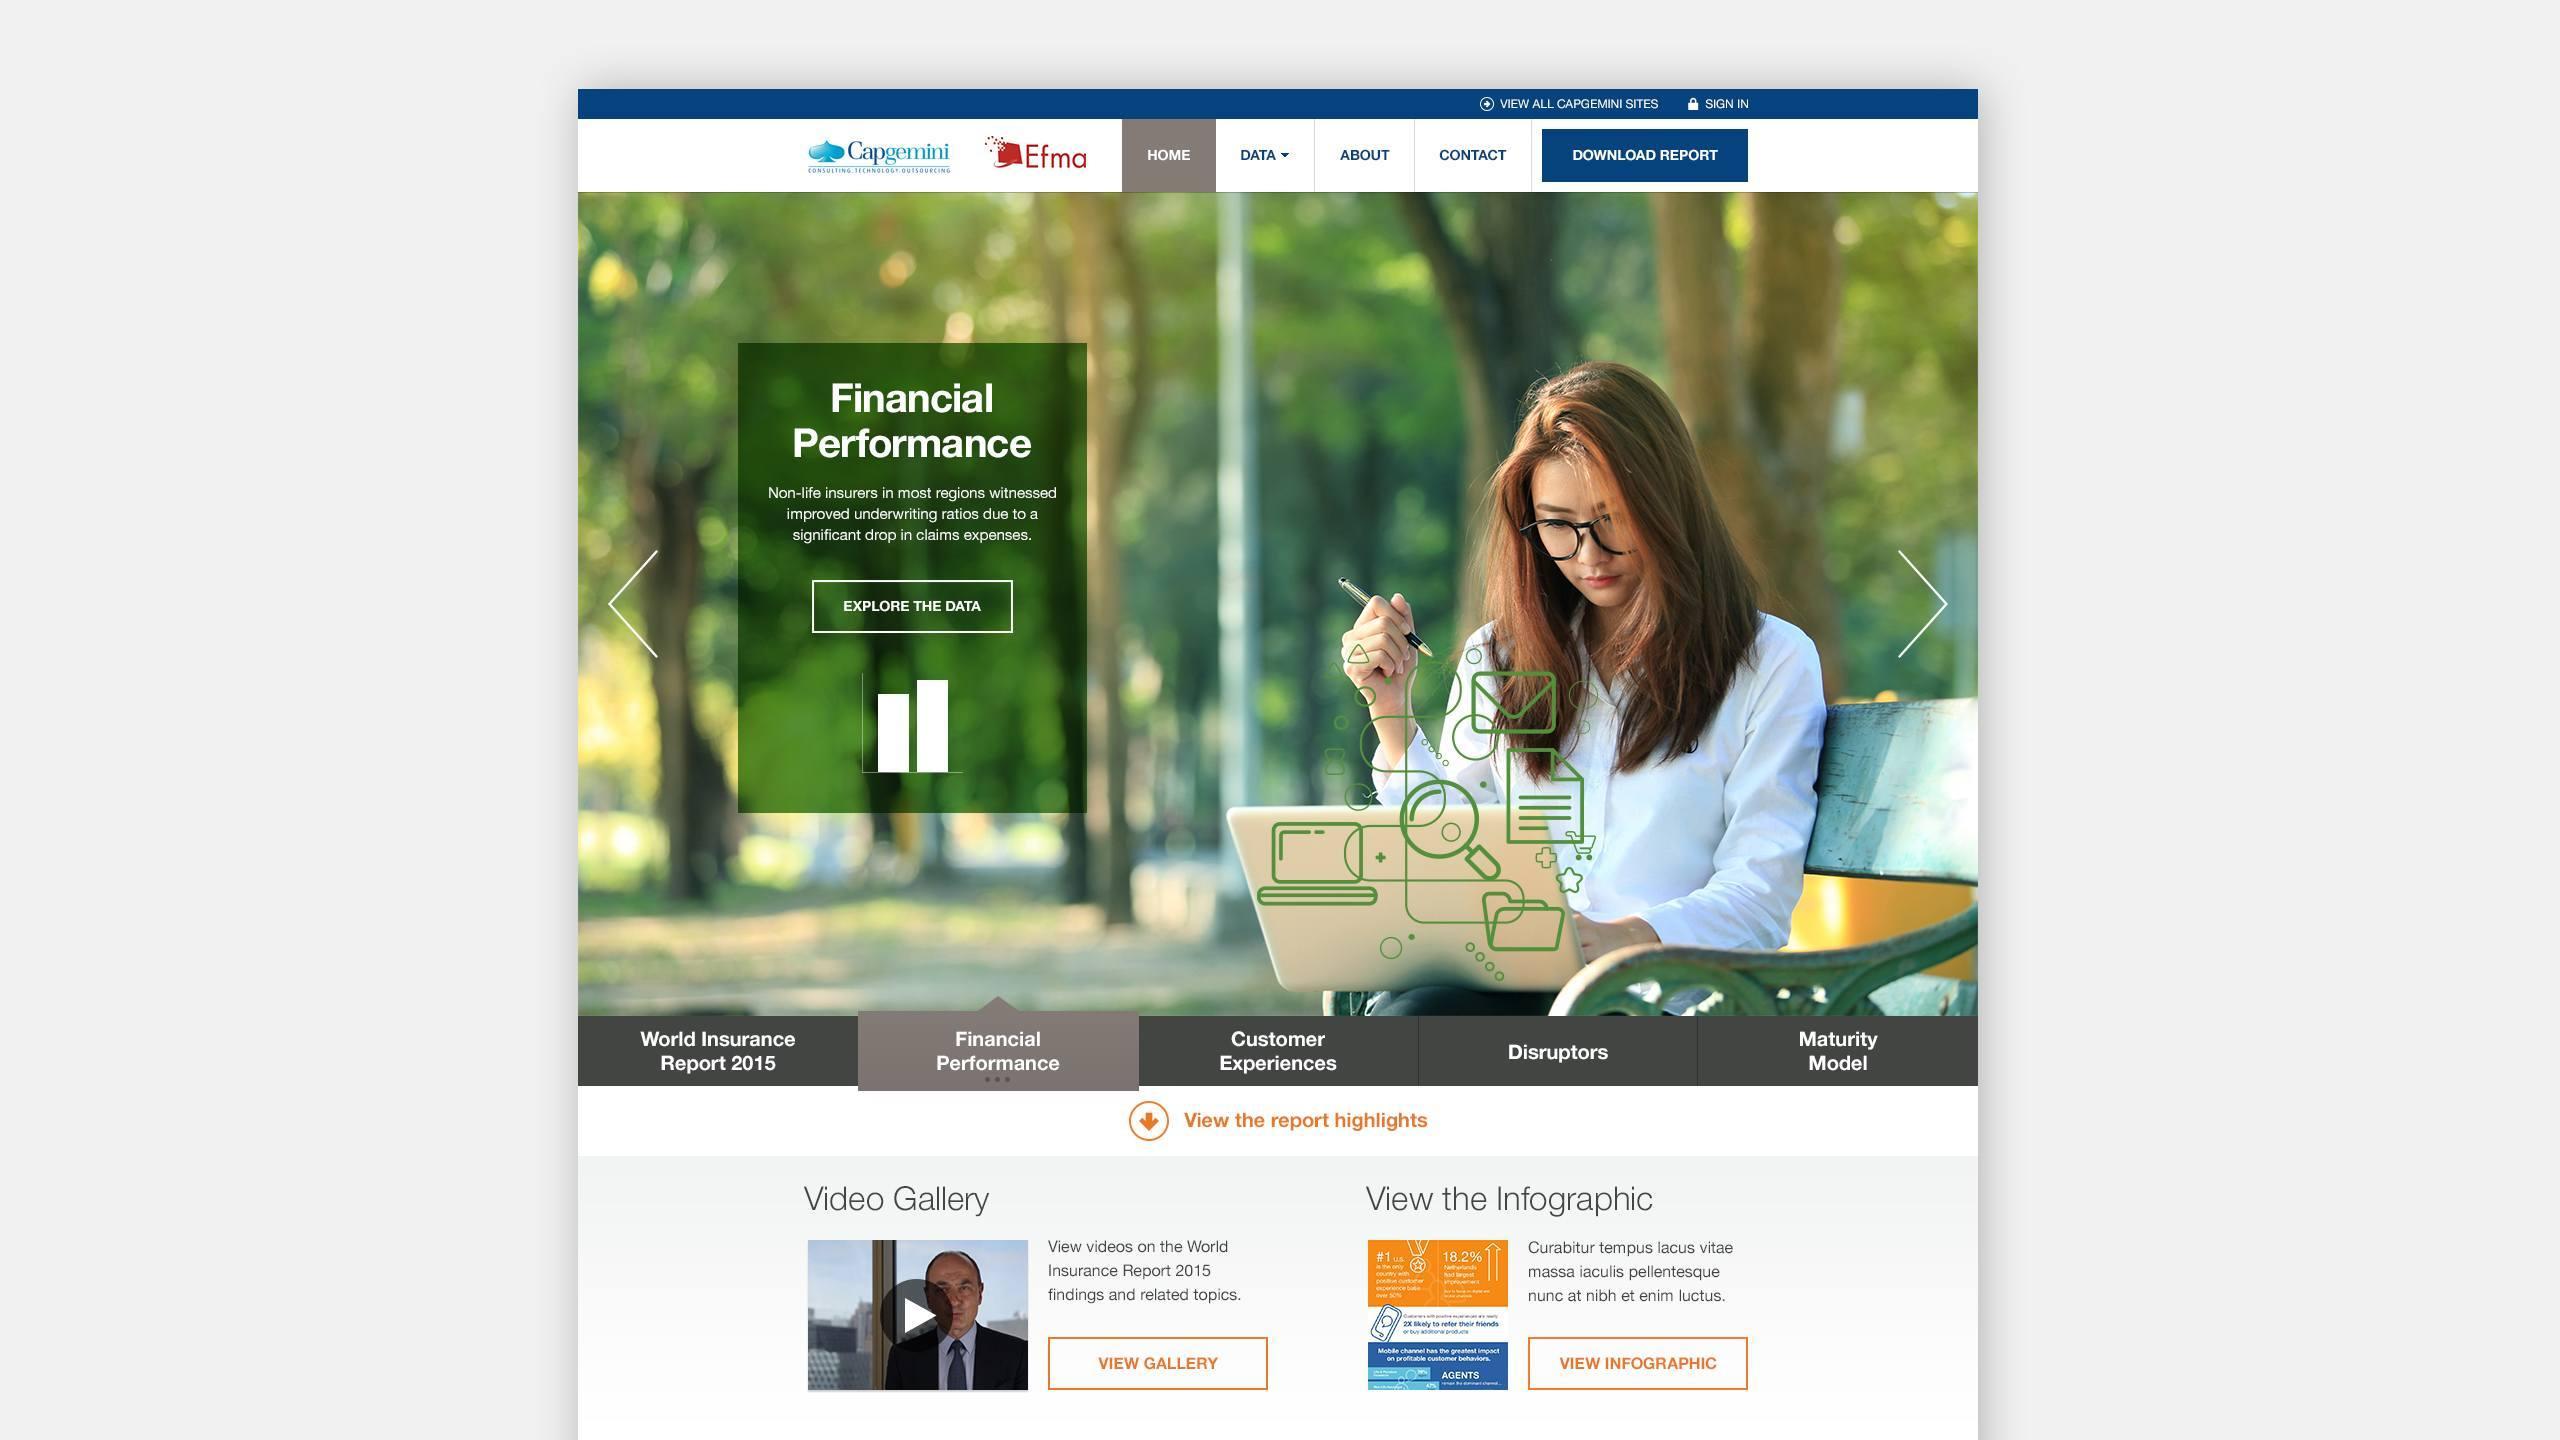 Capgemini website